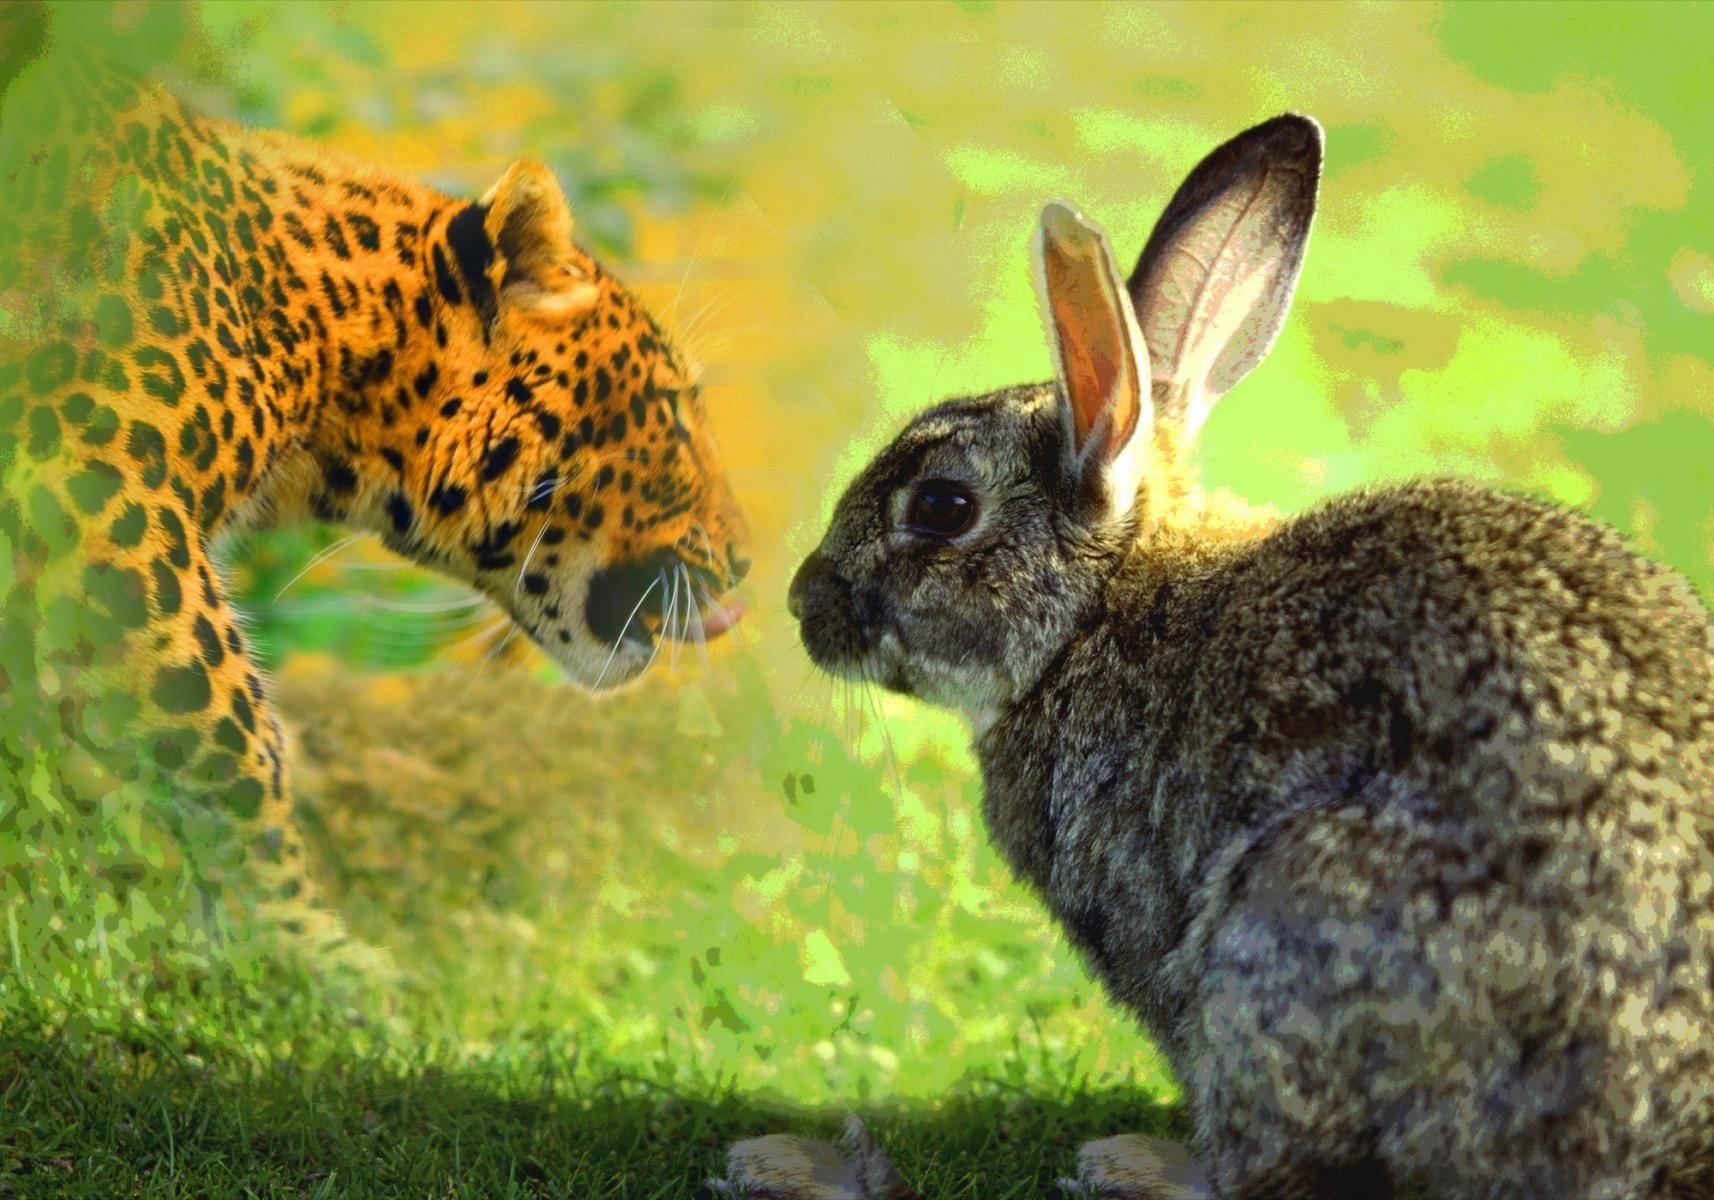 Das Kaninchen und der Leopard